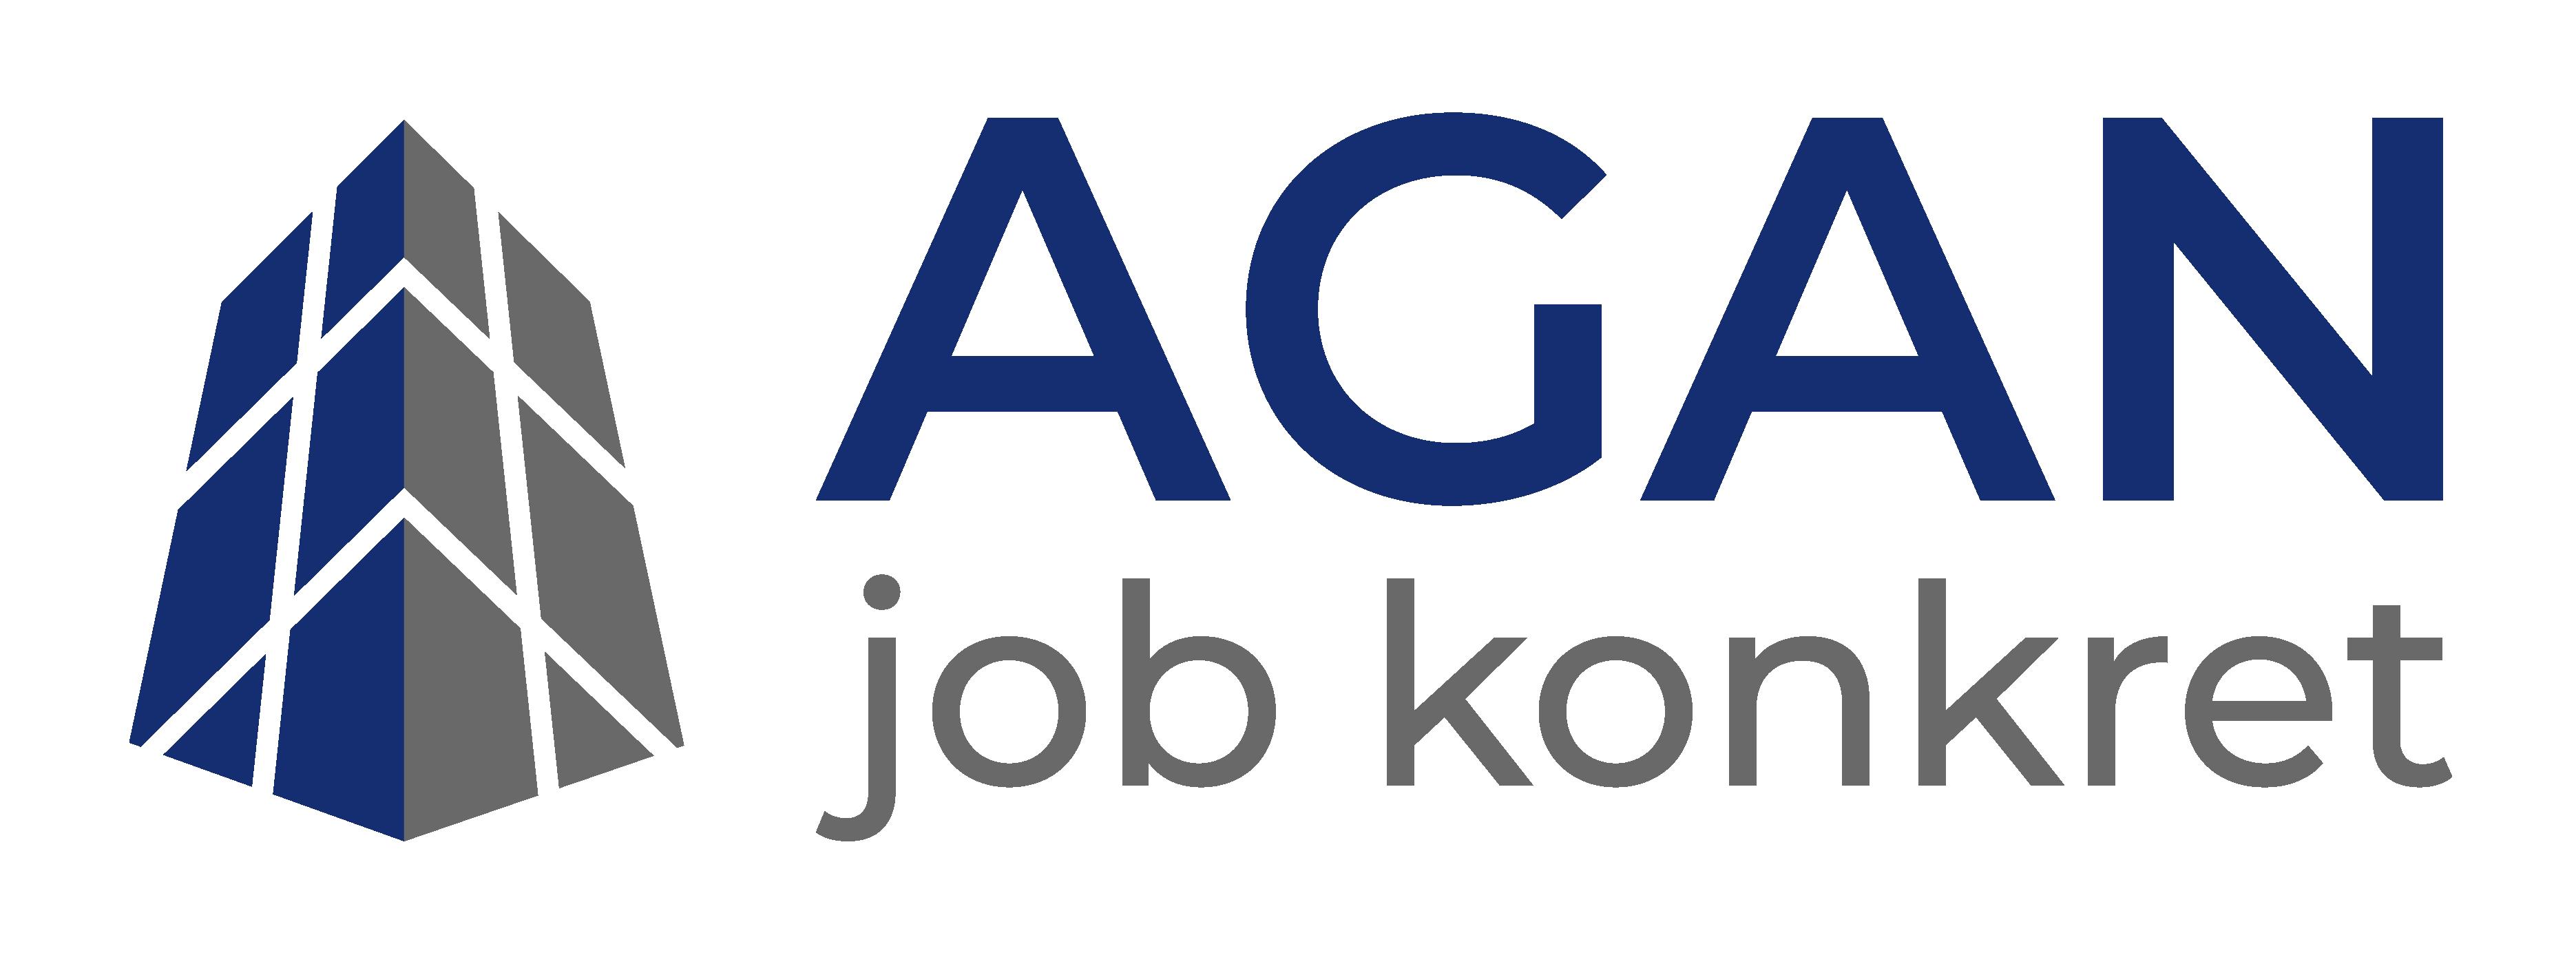 AGAN + AGAN job konkret